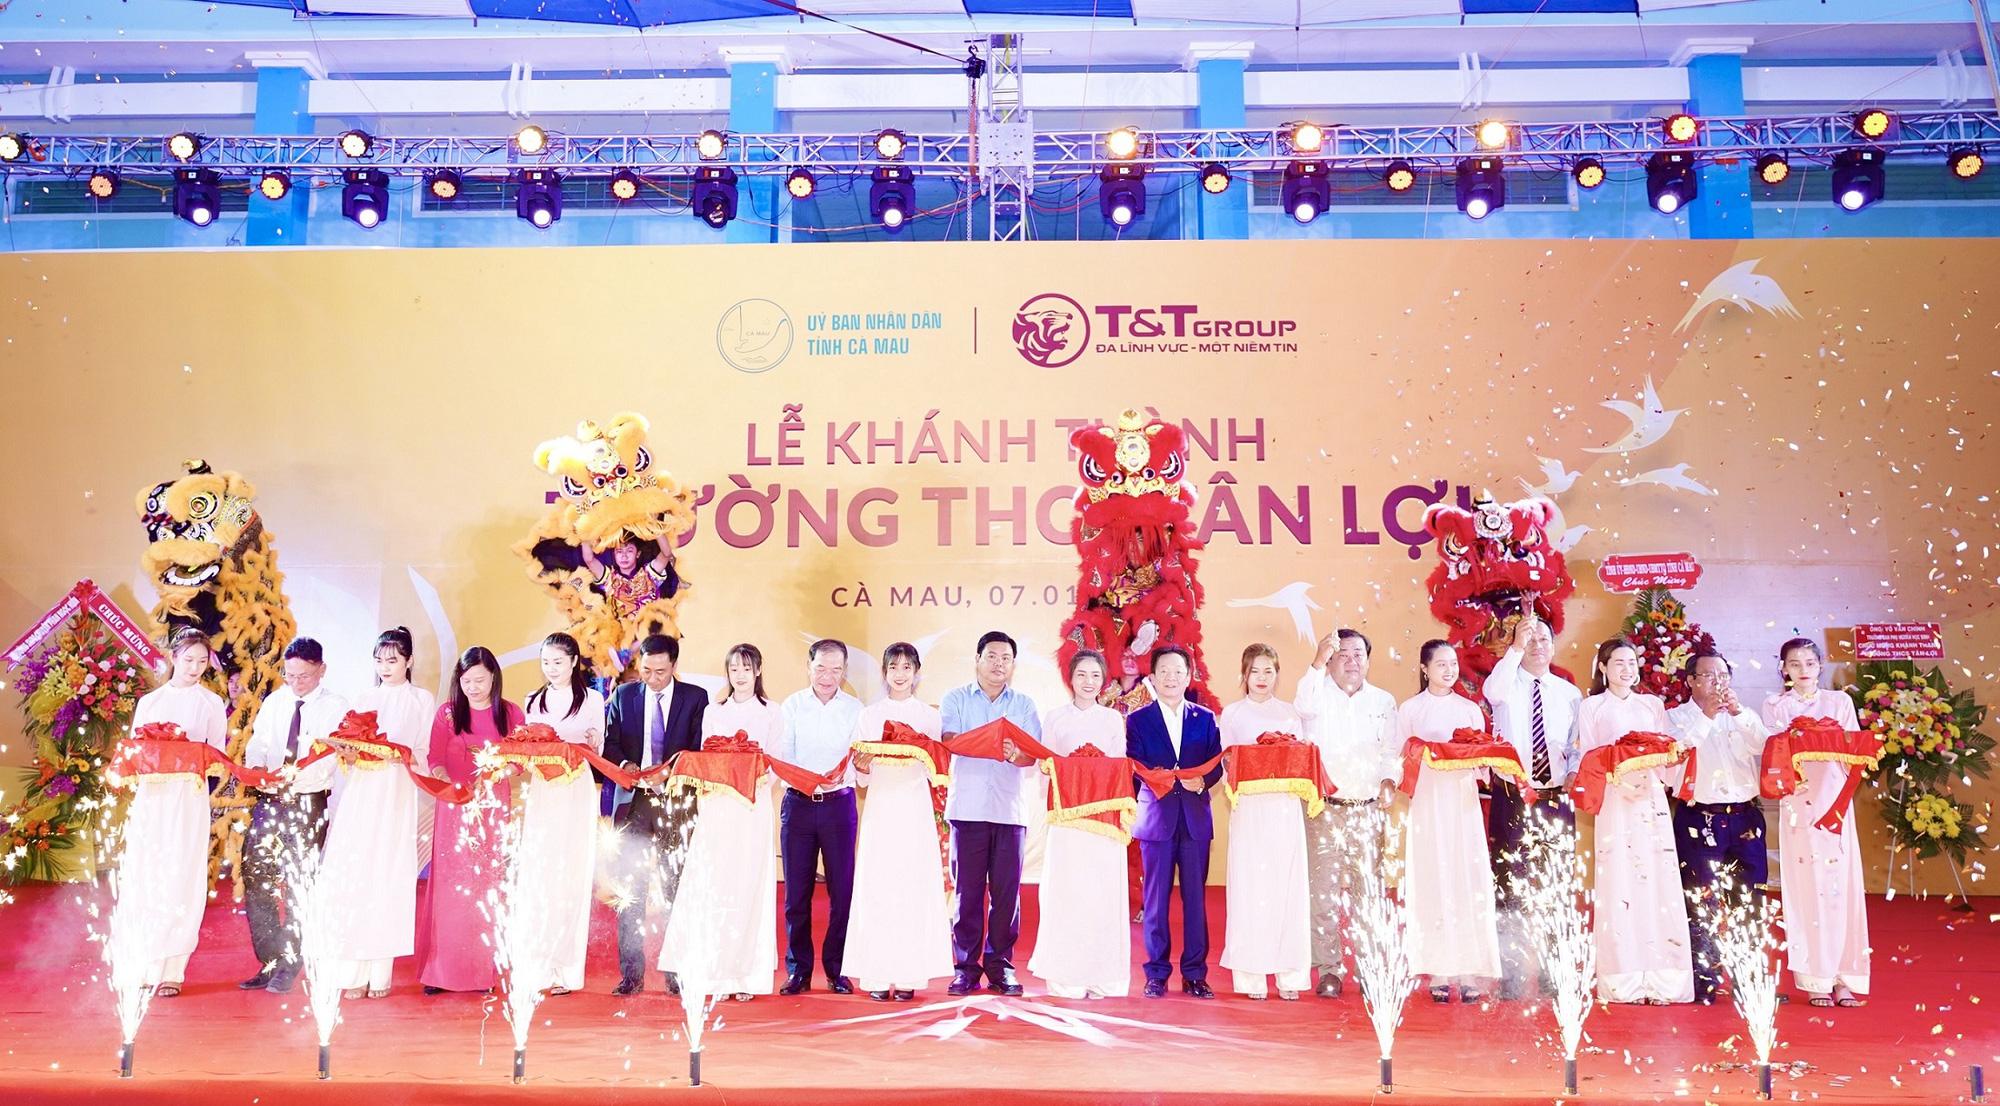 Tập đoàn T&T Group tài trợ xây dựng trường học tại tỉnh Cà Mau - Ảnh 1.